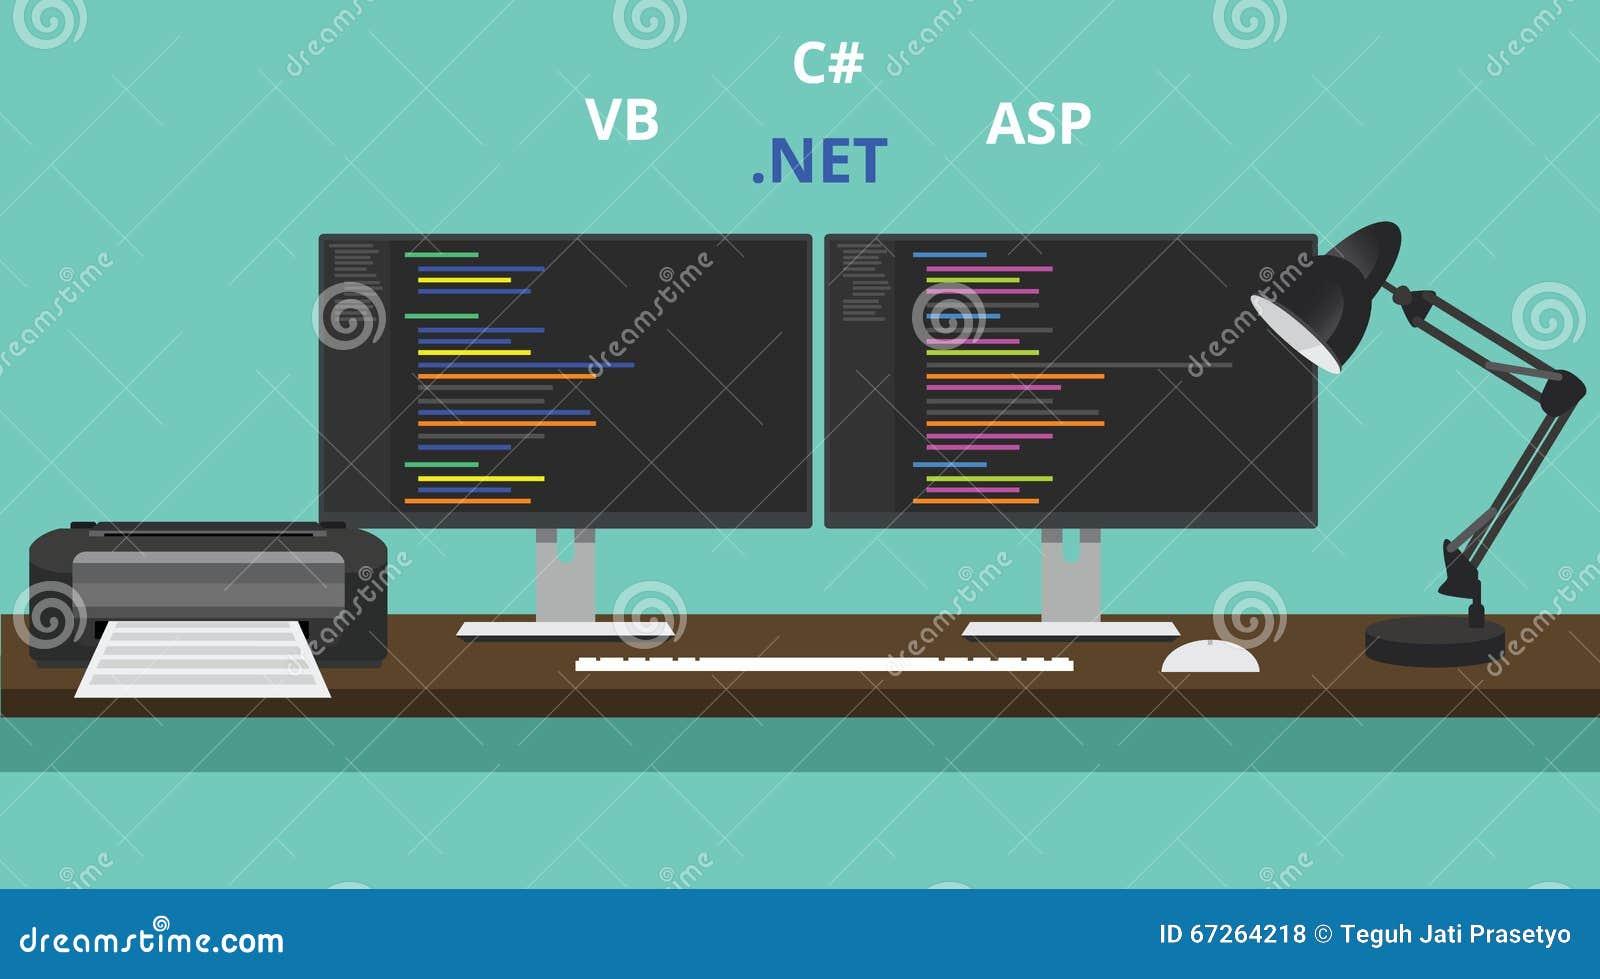 Οπτικό στούντιο χώρου εργασίας προγραμματιστών καθαρό asp τεχνολογίας vb βασικό